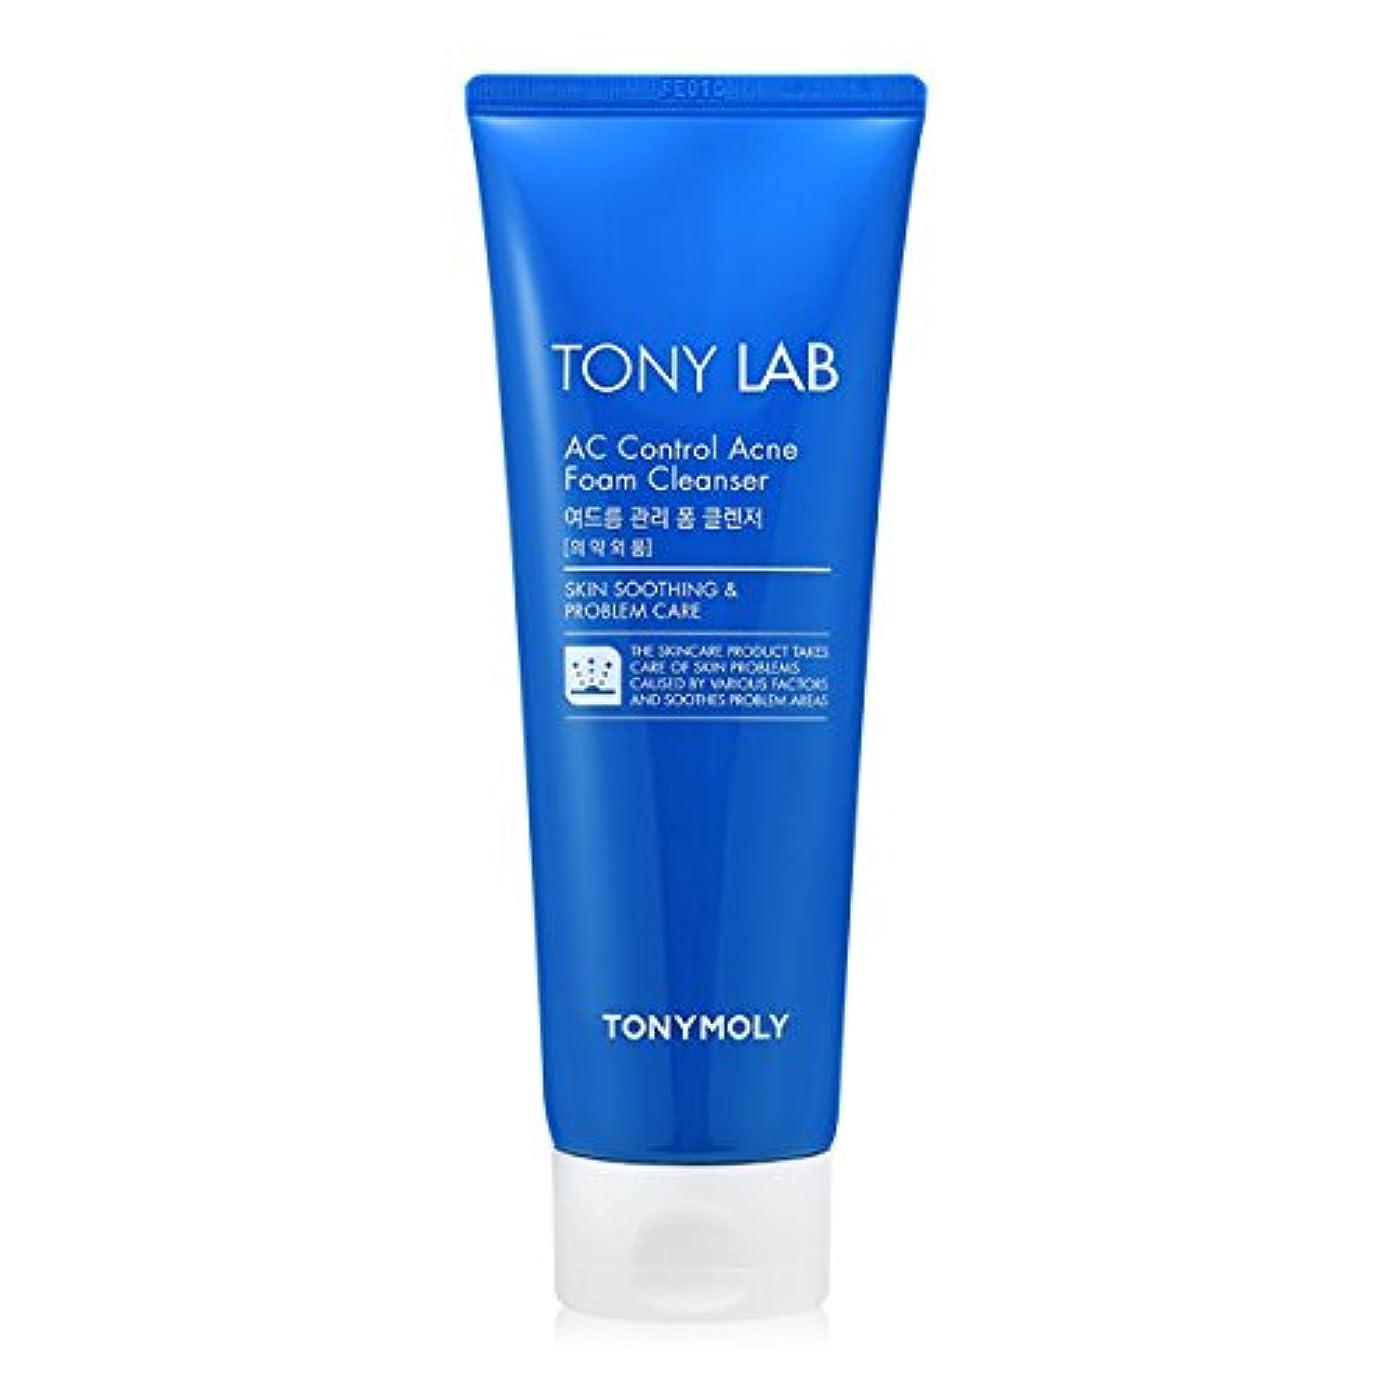 メカニック返済はい[New] TONYMOLY Tony Lab AC Control Acne Foam Cleanser 150ml/トニーモリー トニー ラボ AC コントロール アクネ フォーム クレンザー 150ml